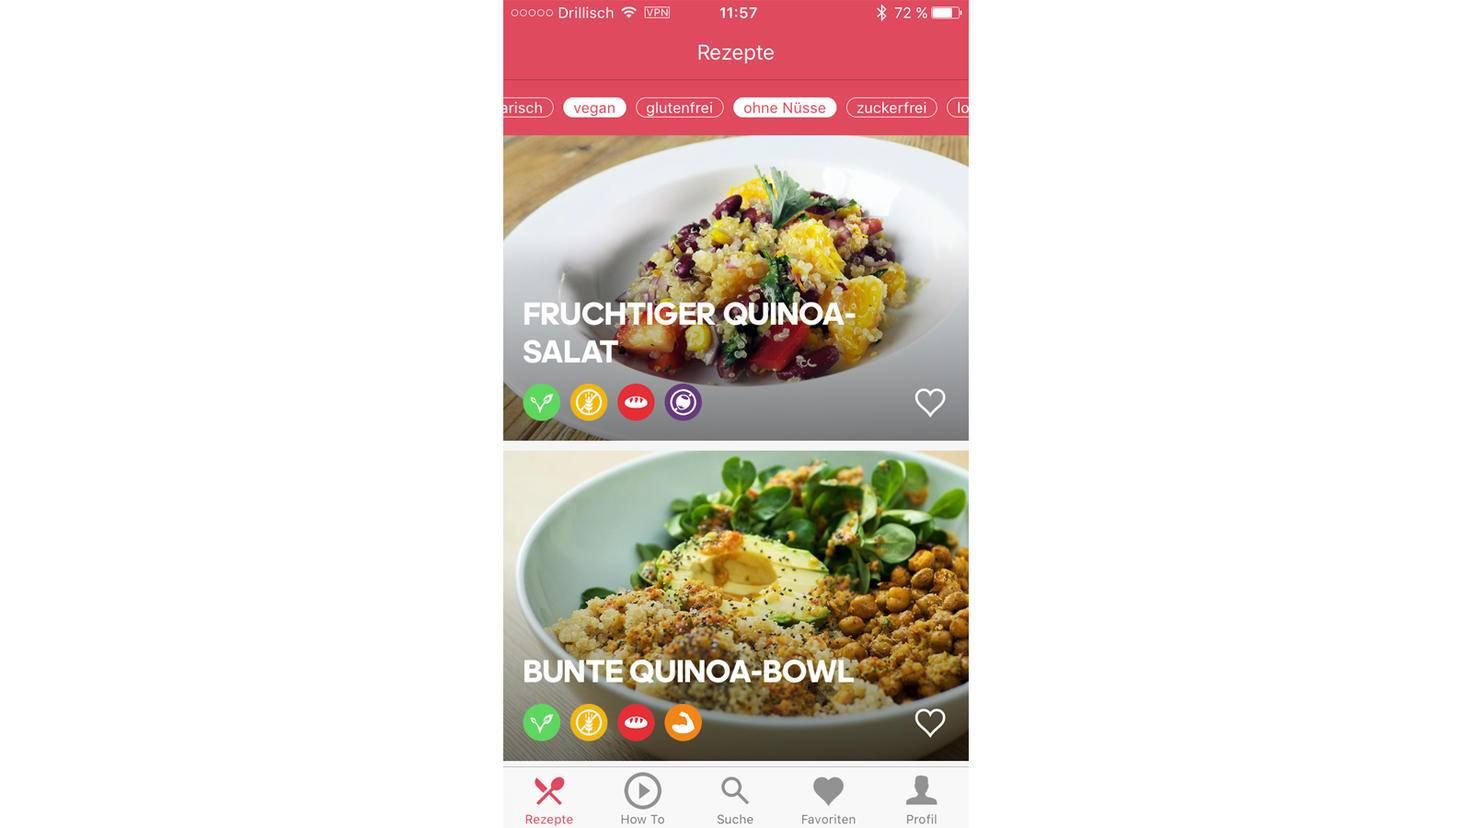 Filtere die Ergebnisse nach Deinen kulinarischen Vorlieben.